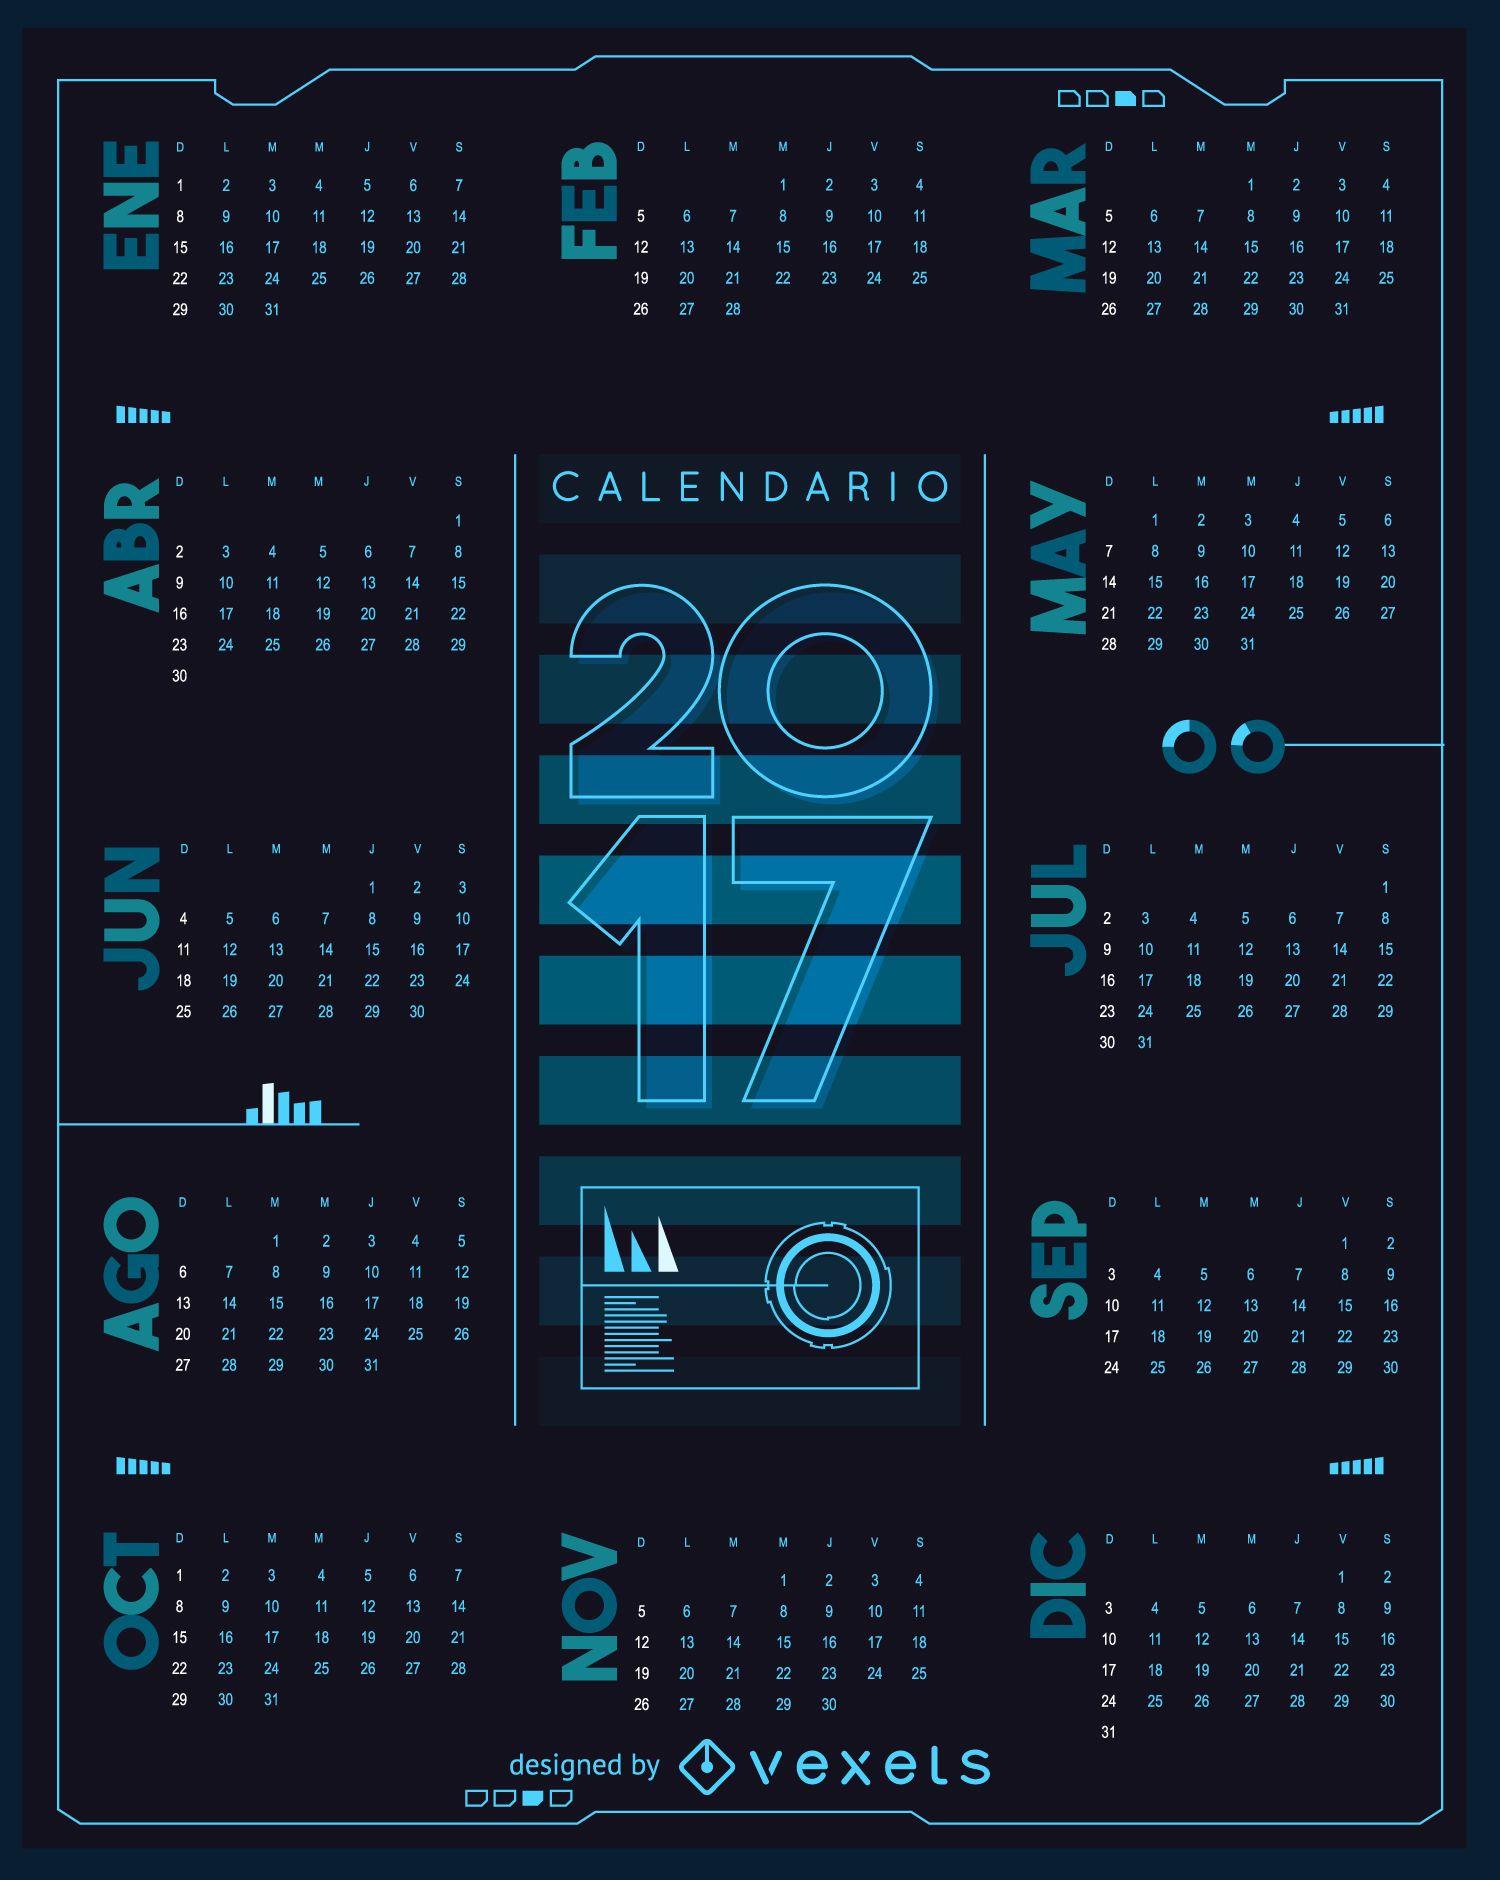 2017 futuristic calendar in Spanish